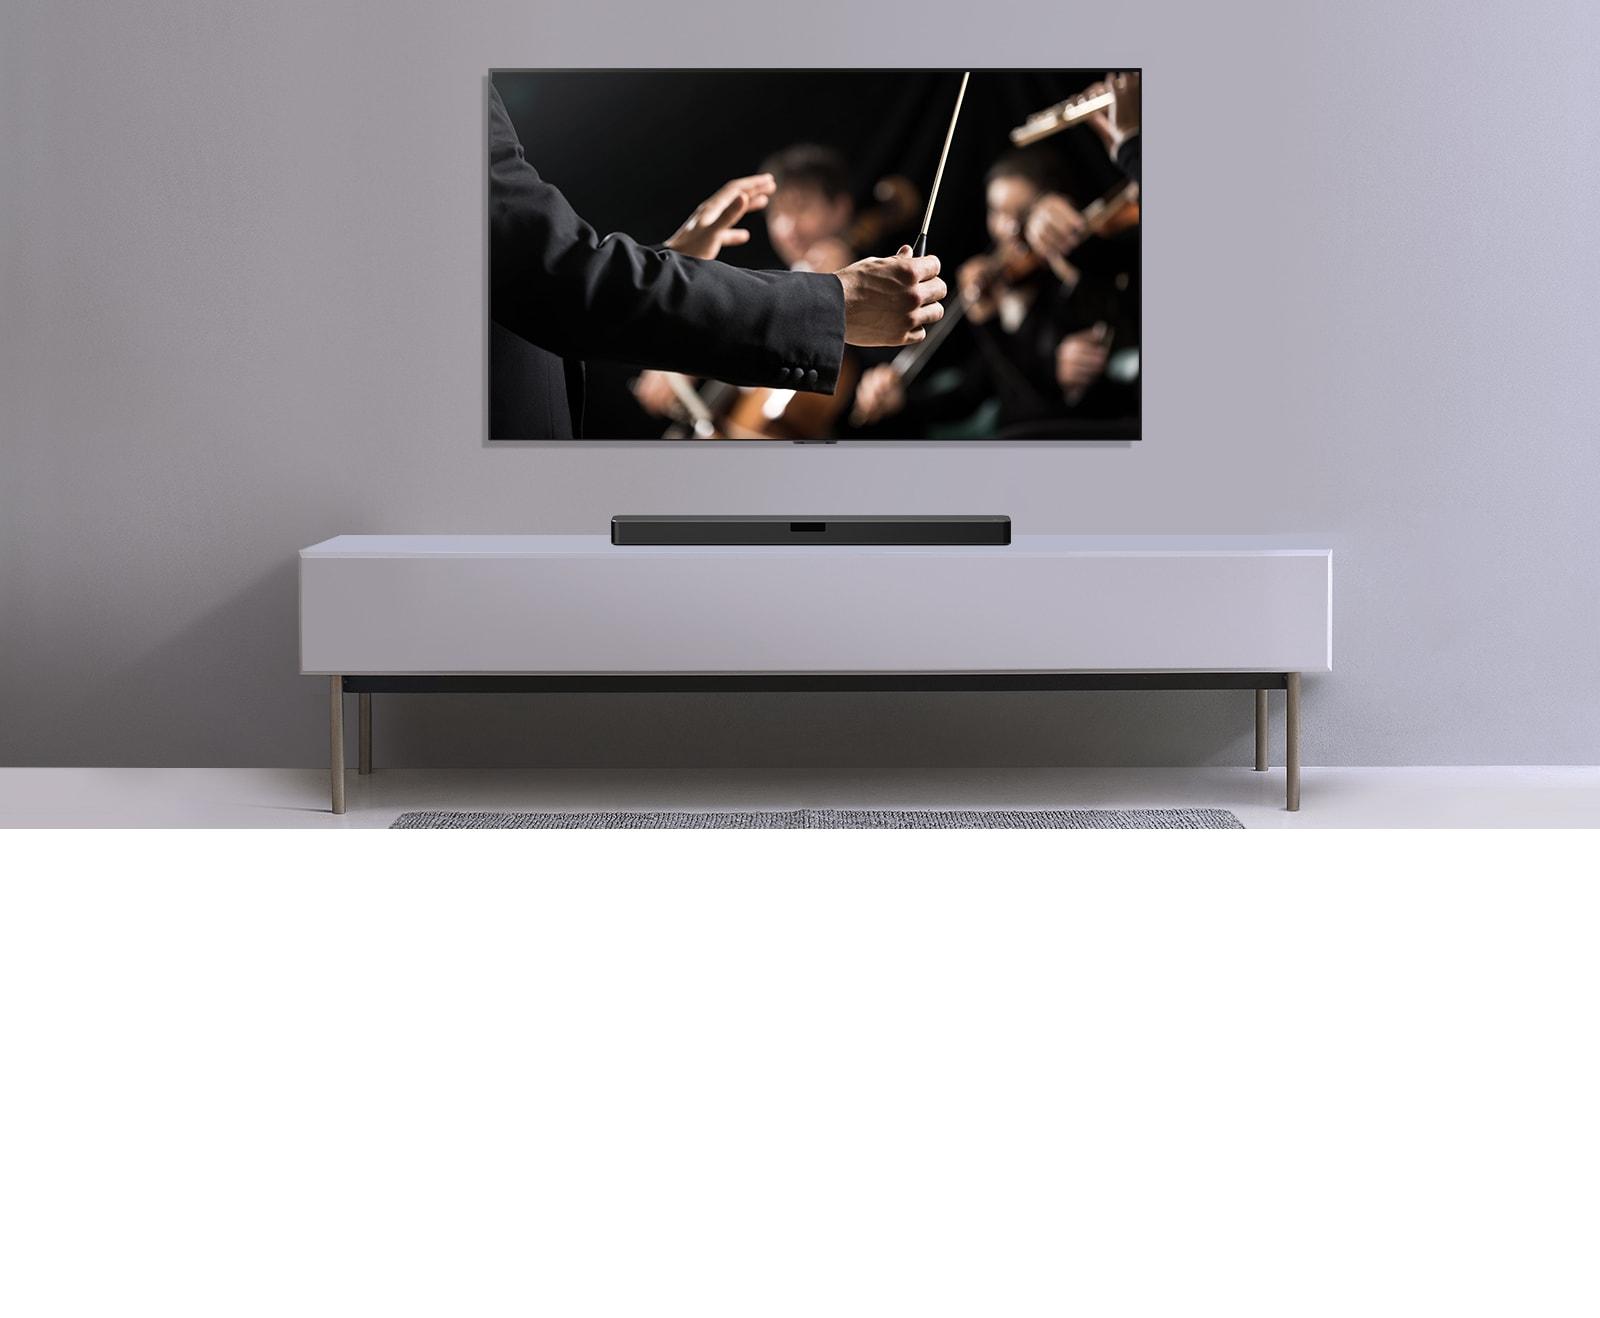 TV được hiển thị trên một bức tường màu xám và Loa thanh LG đặt bên dưới trên kệ màu xám. TV hiển thị một nhạc trưởng đang điều khiển dàn nhạc.